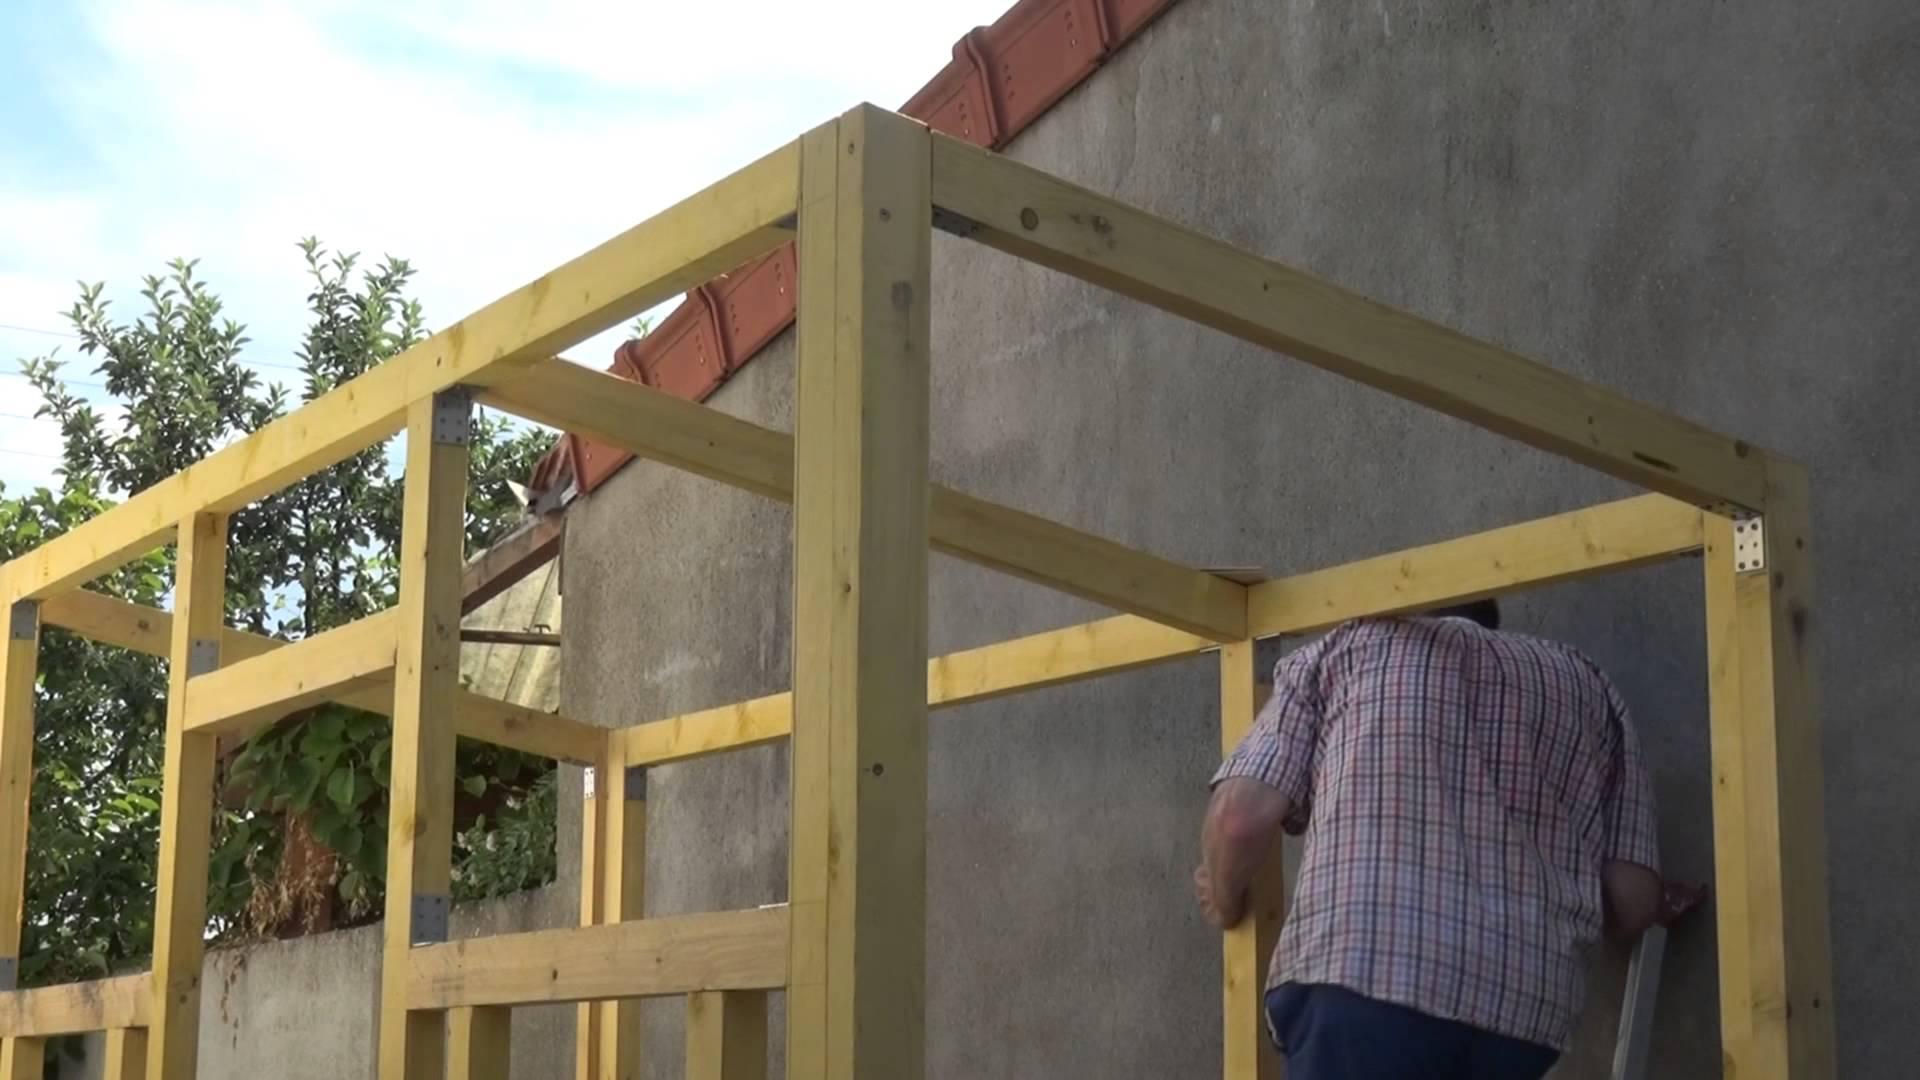 Construire Abri De Jardin Des Idées - Idees Conception Jardin pour Construire Cabane De Jardin